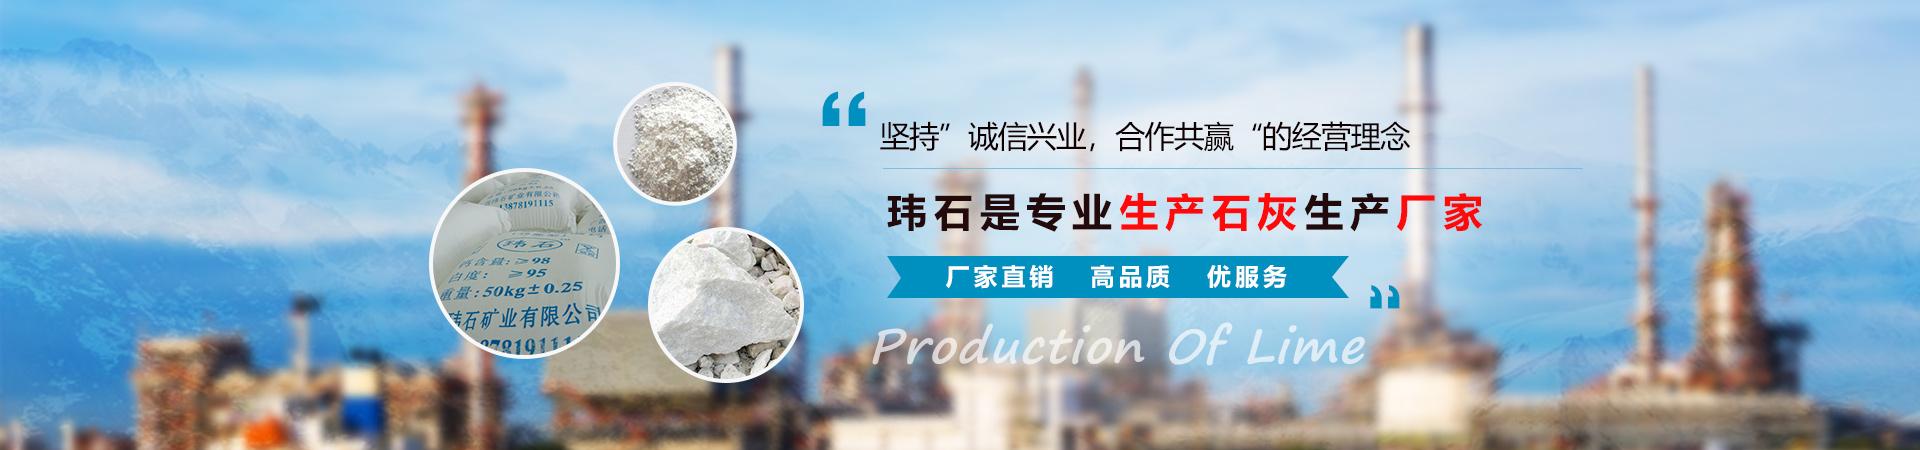 广西重钙_广西方解石粉厂家_超白超细碳酸钙